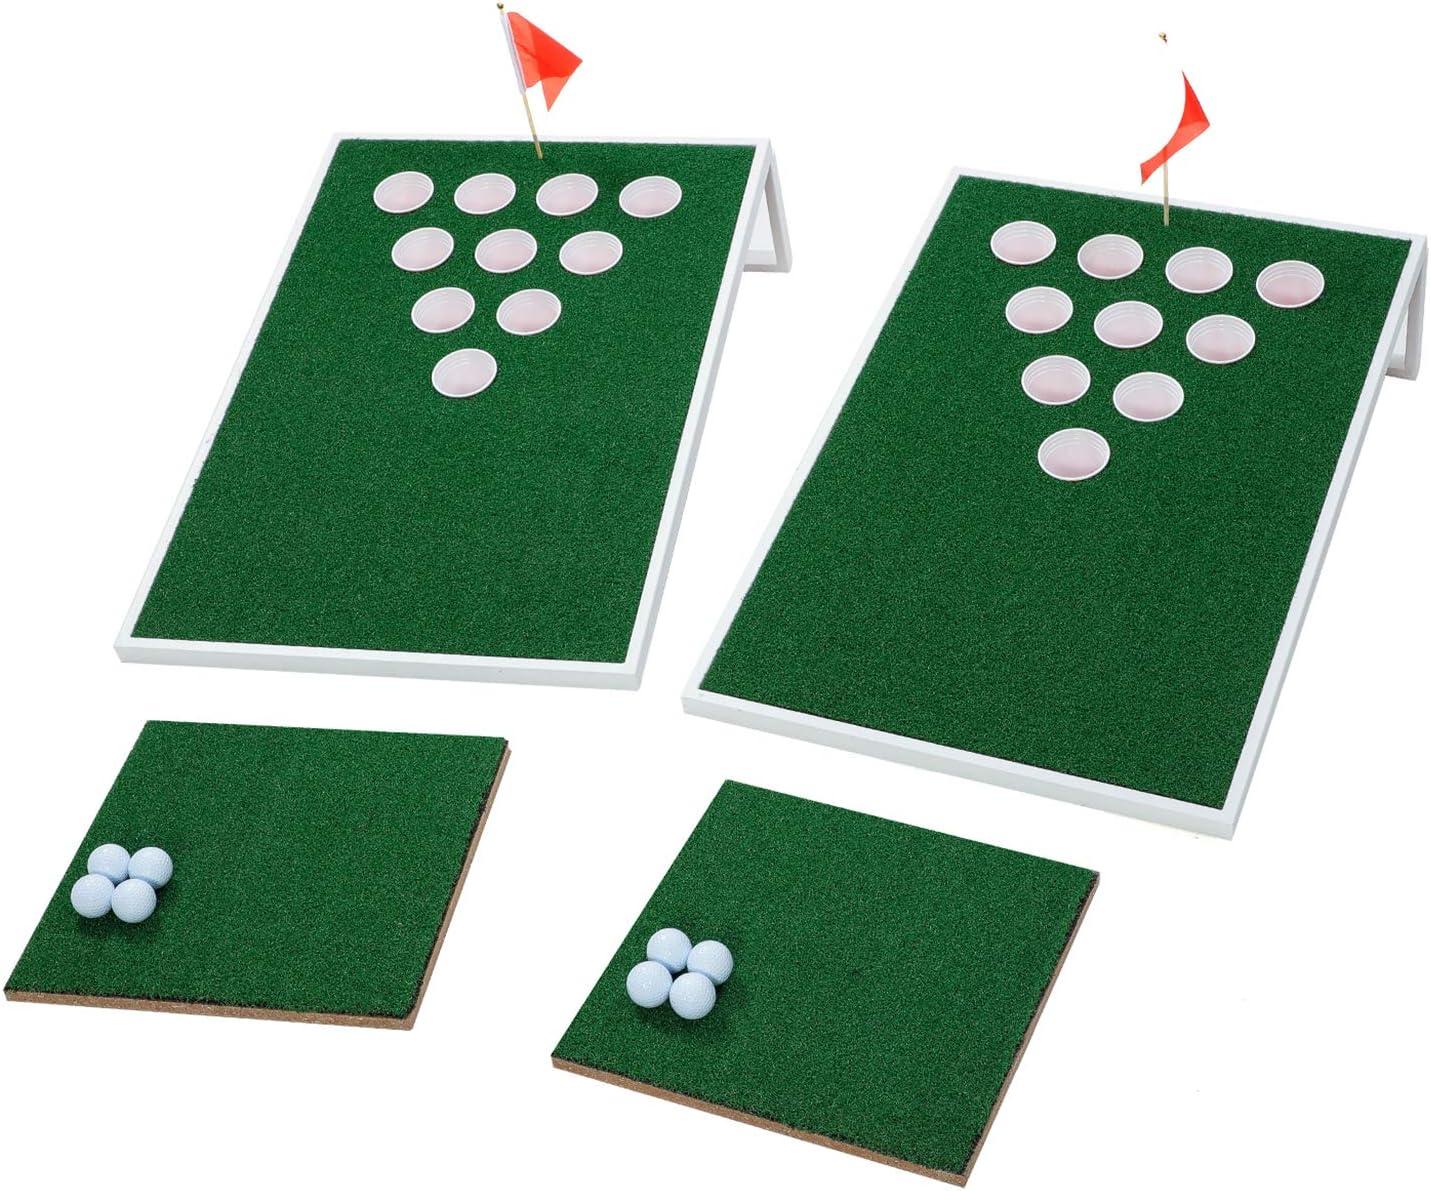 OOFIT ゴルフ チップターゲット セット ビール ポン チップマット付き 白い Finished